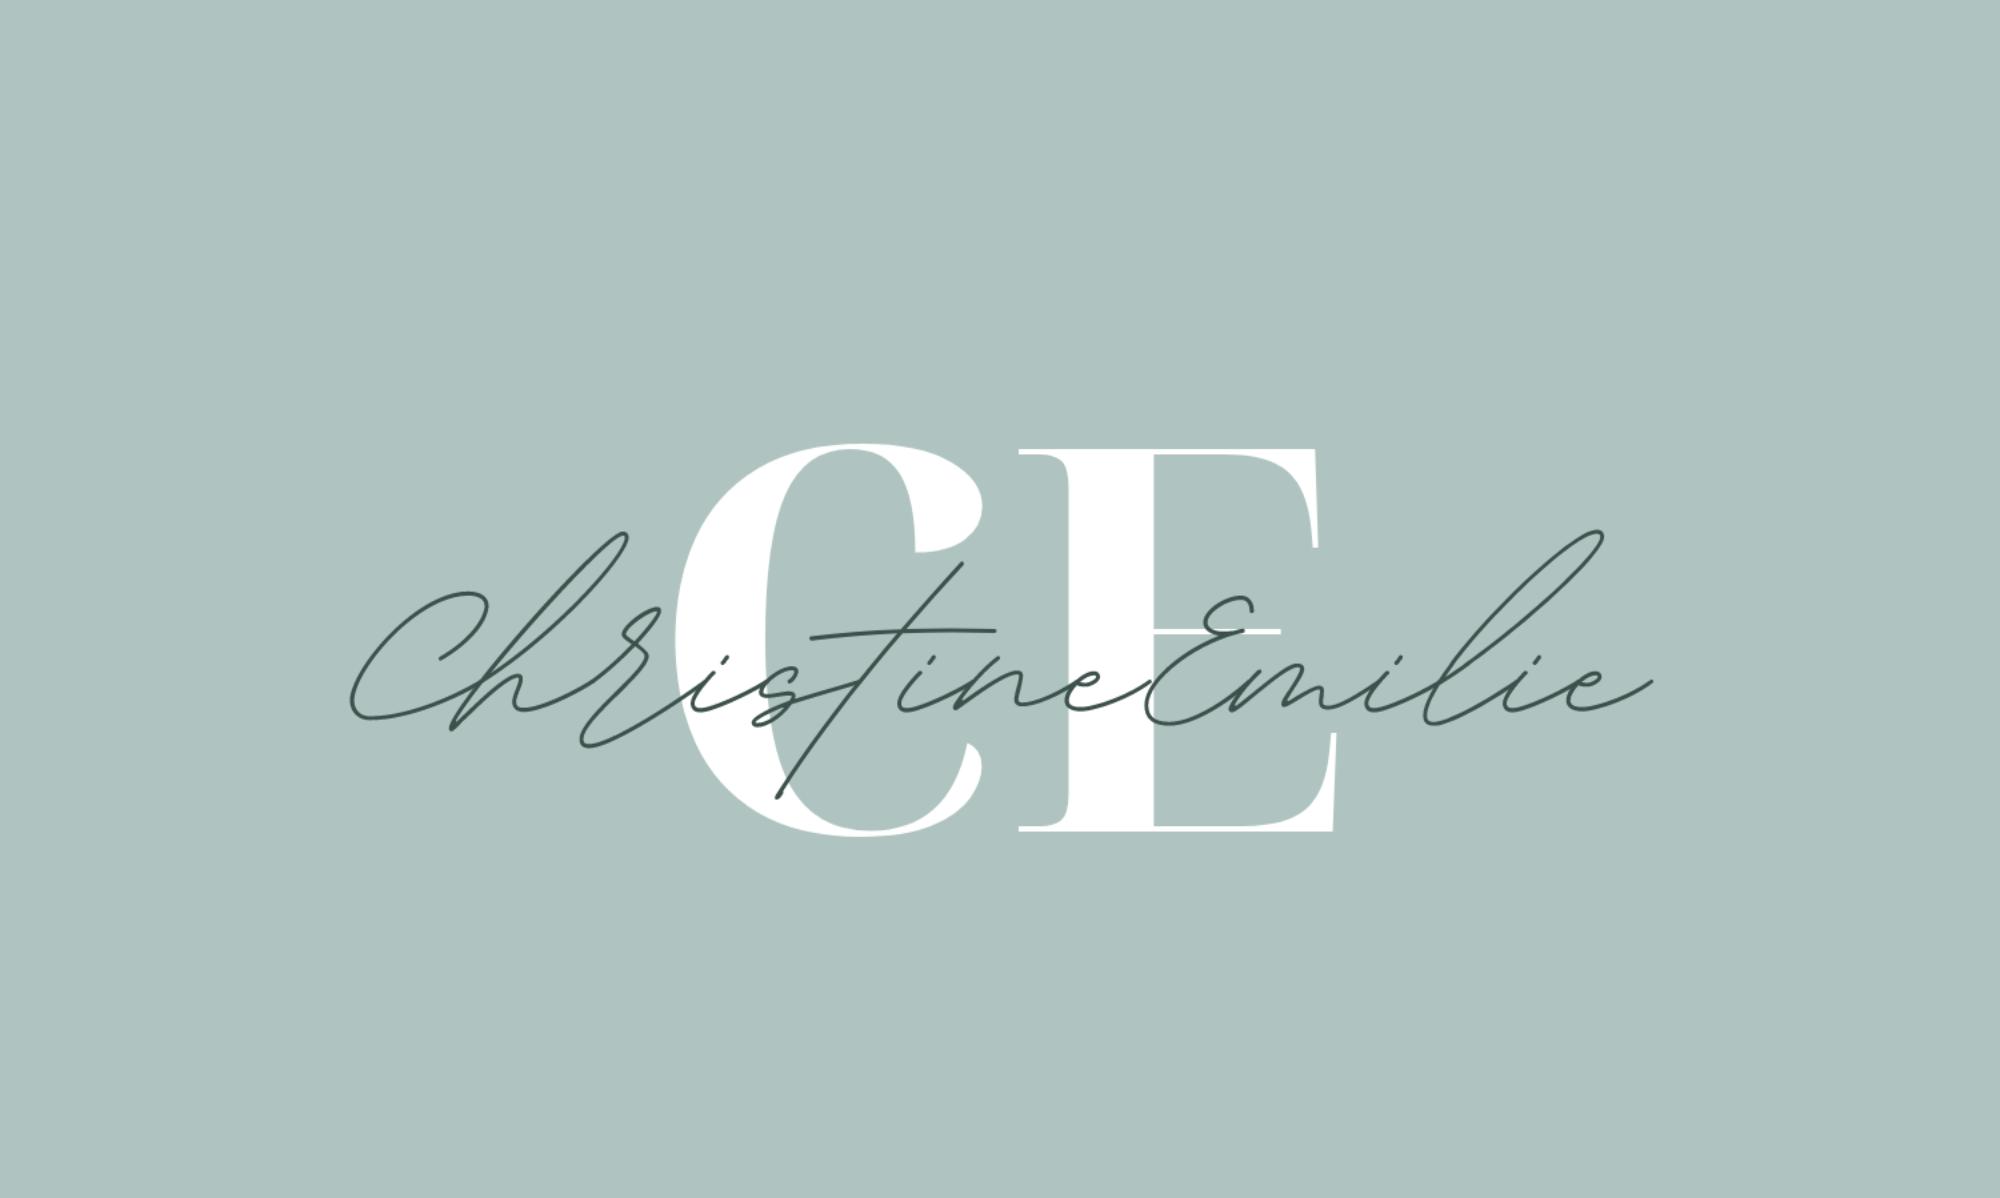 ChristineEmilie